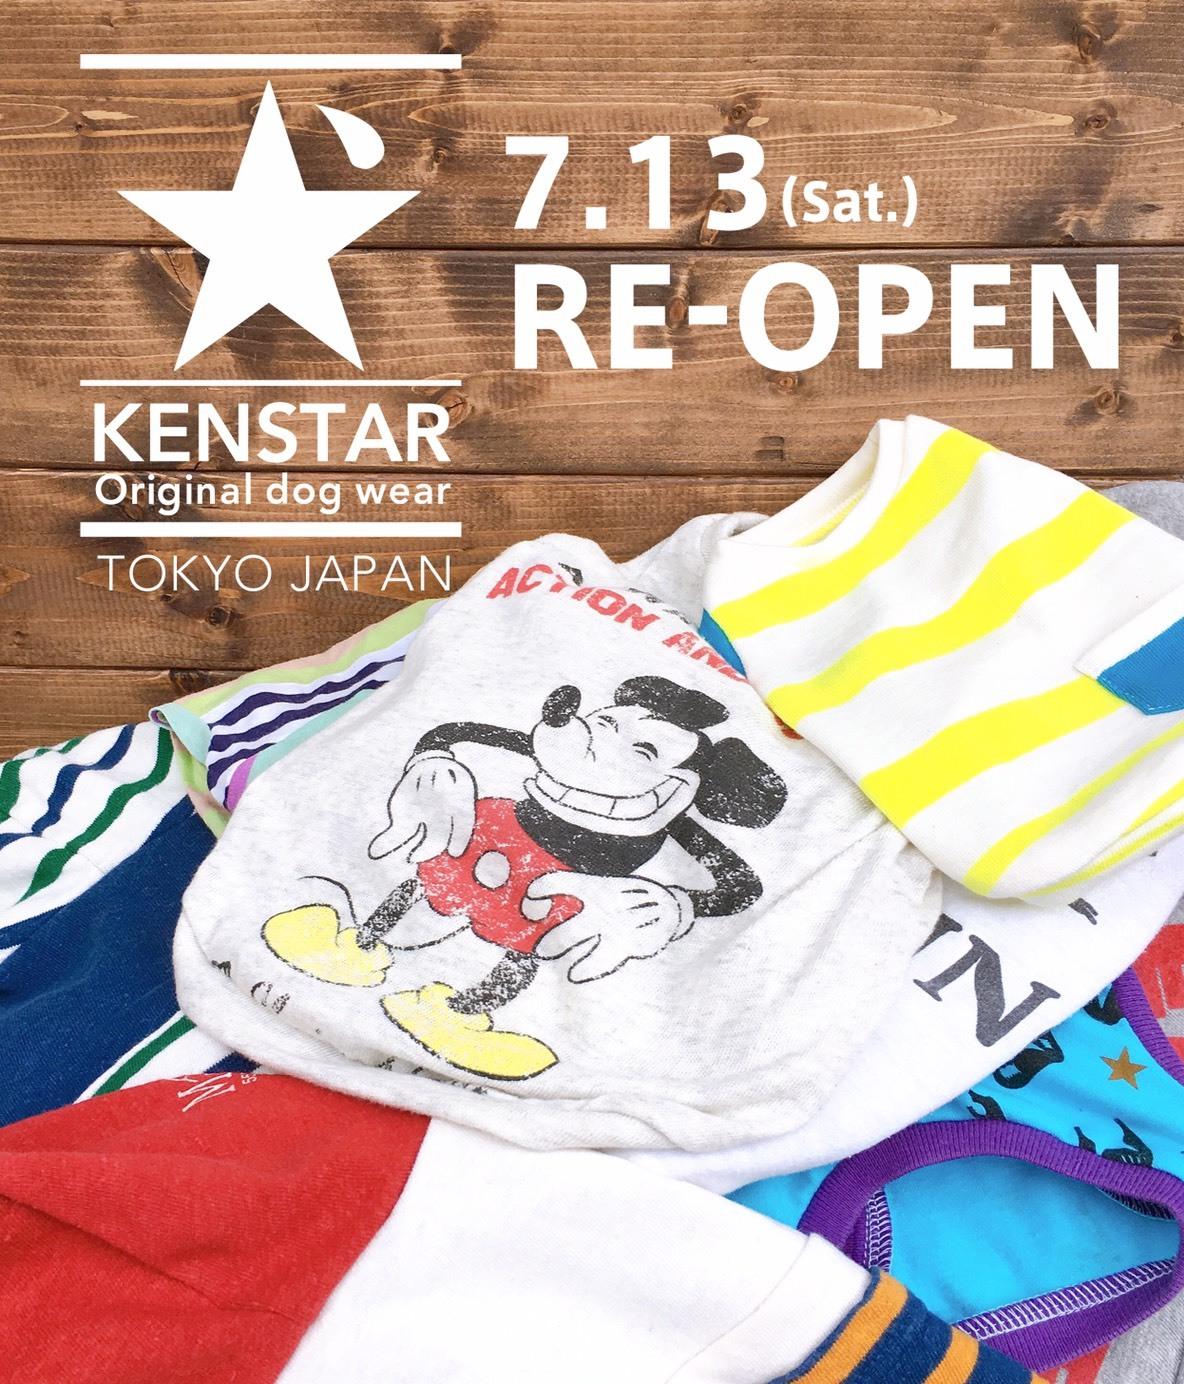 7.13Re-openします! 【受注生産開始】_b0400675_01205501.jpeg